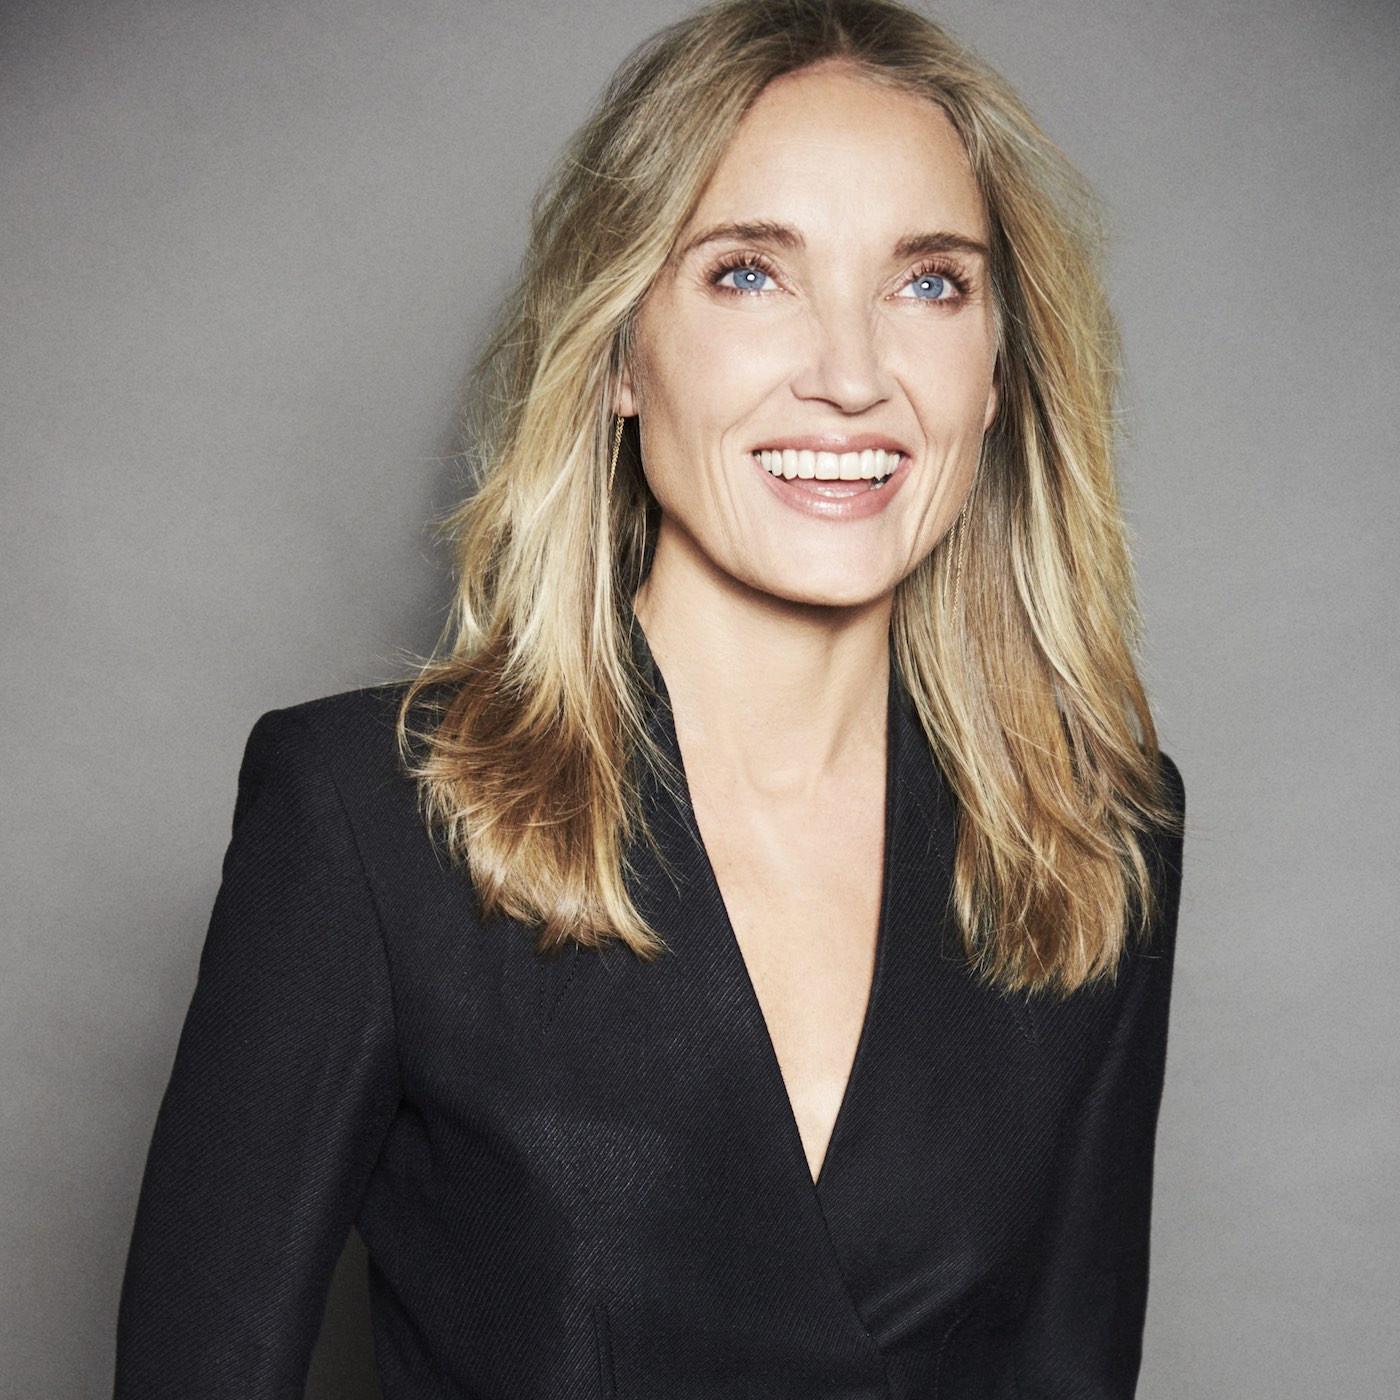 Malene Rydahl - de l'hôtellerie de luxe au métier d'auteur, de coach et de conférencière